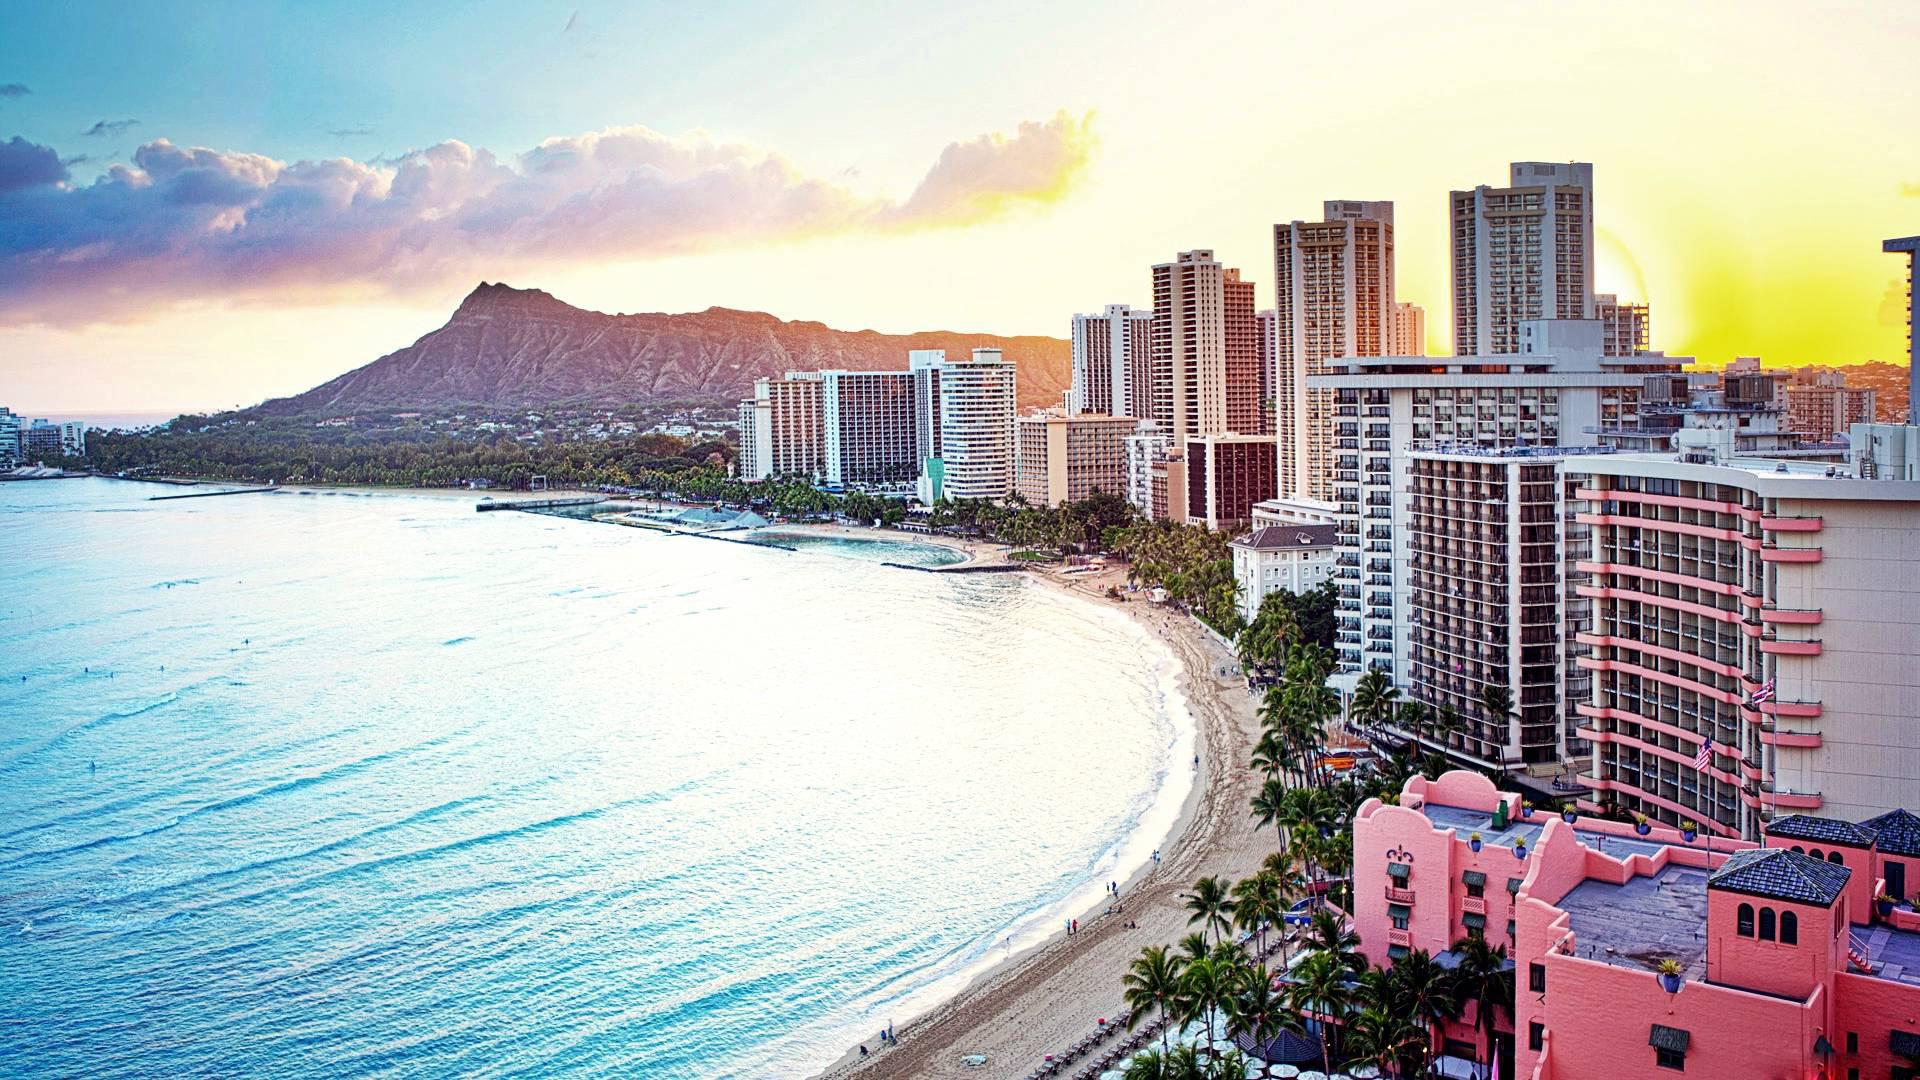 Waikiki Beach HD desktop wallpaper : High Definition : Mobile